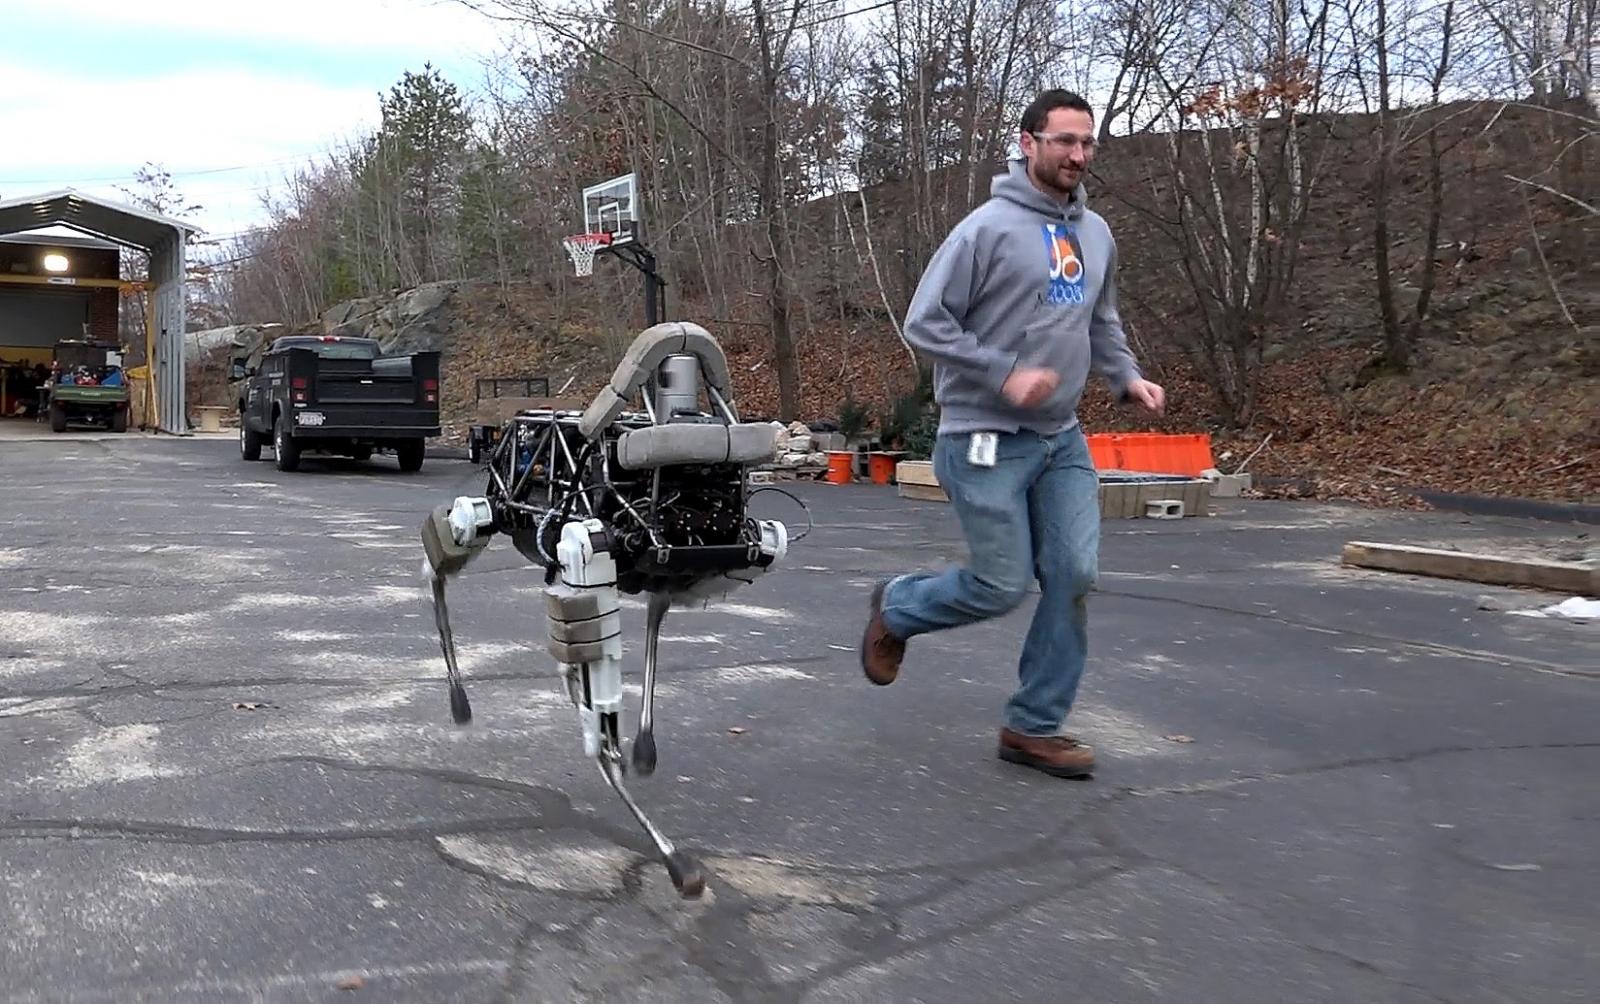 Boston Dynamics' robot dog Spot